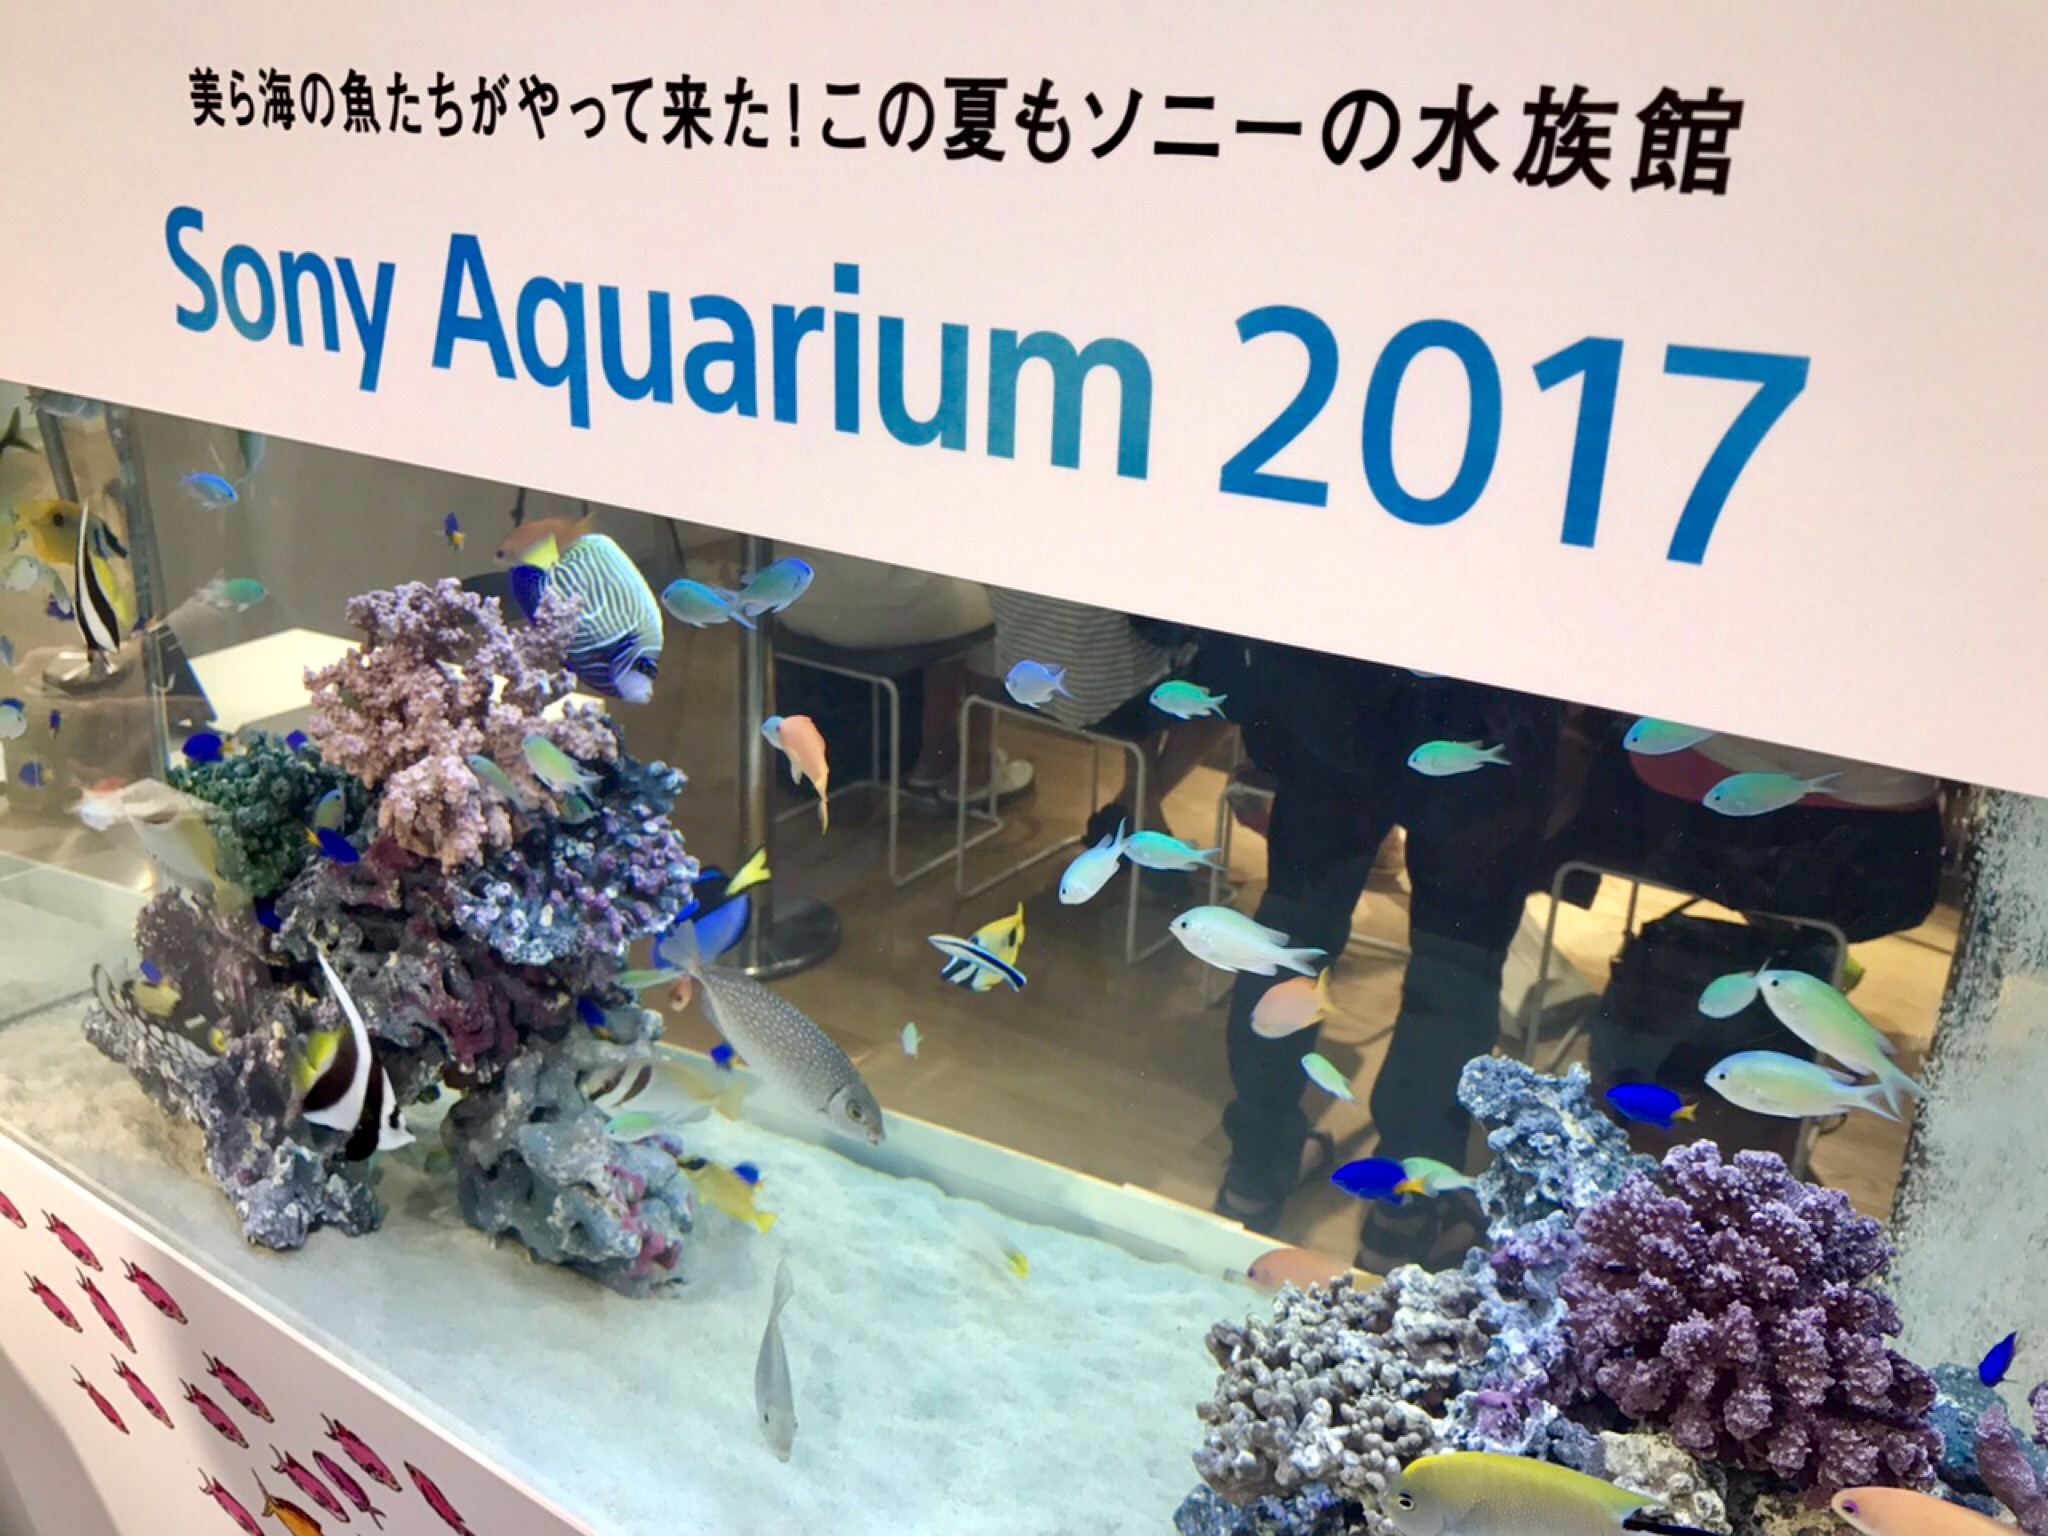 銀座で美ら海水族館の仲間に会いました!